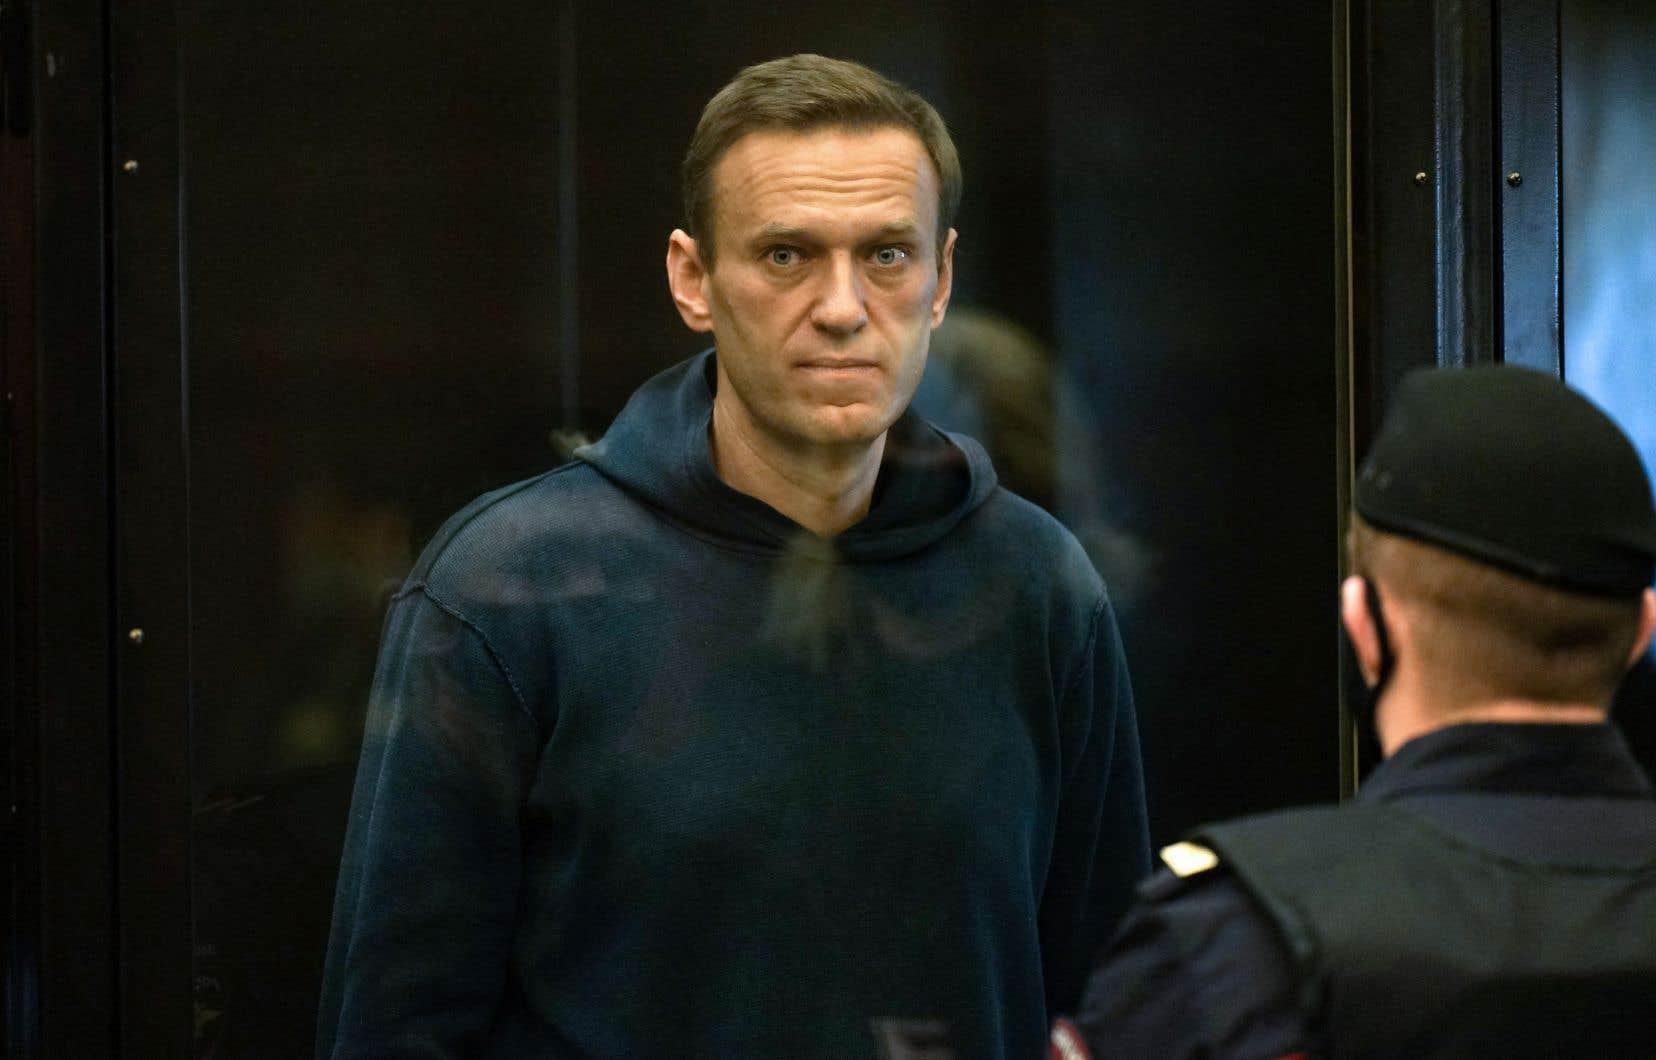 <p>M.Navalny avait cessé de s'alimenter le 31mars pour protester contre ses conditions de détention, accusant l'administration pénitentiaire de le priver d'accès à un médecin alors qu'il souffre d'une double hernie discale, selon ses avocats.</p>